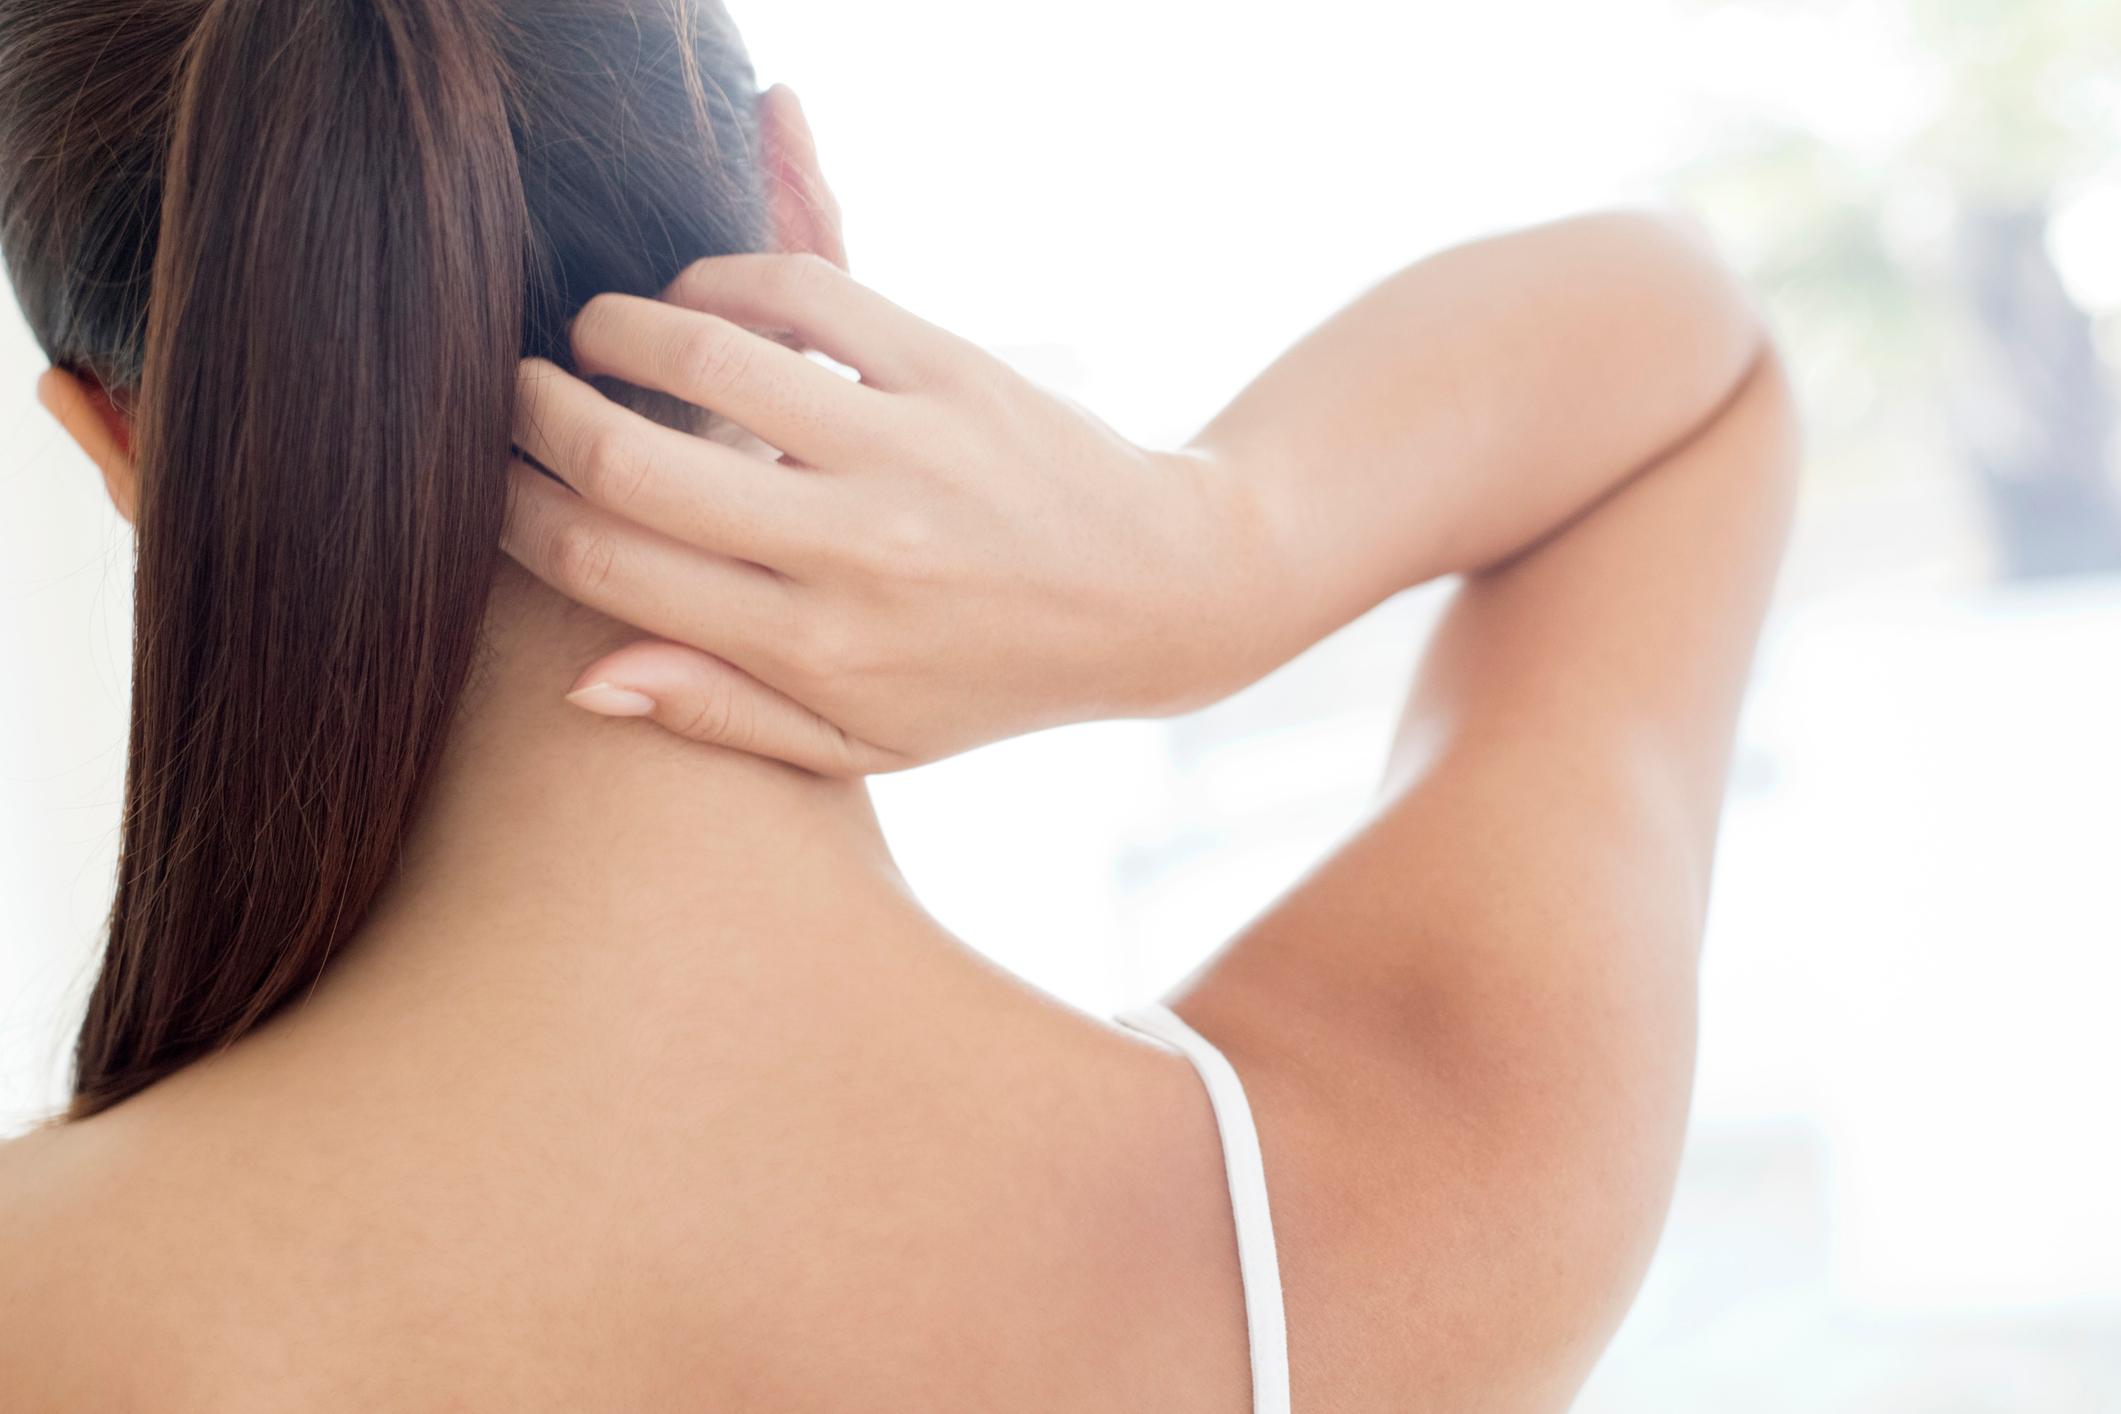 hogyan kell kezelni a pikkelysömör chaga krioterápia a pikkelysömör kezelésében